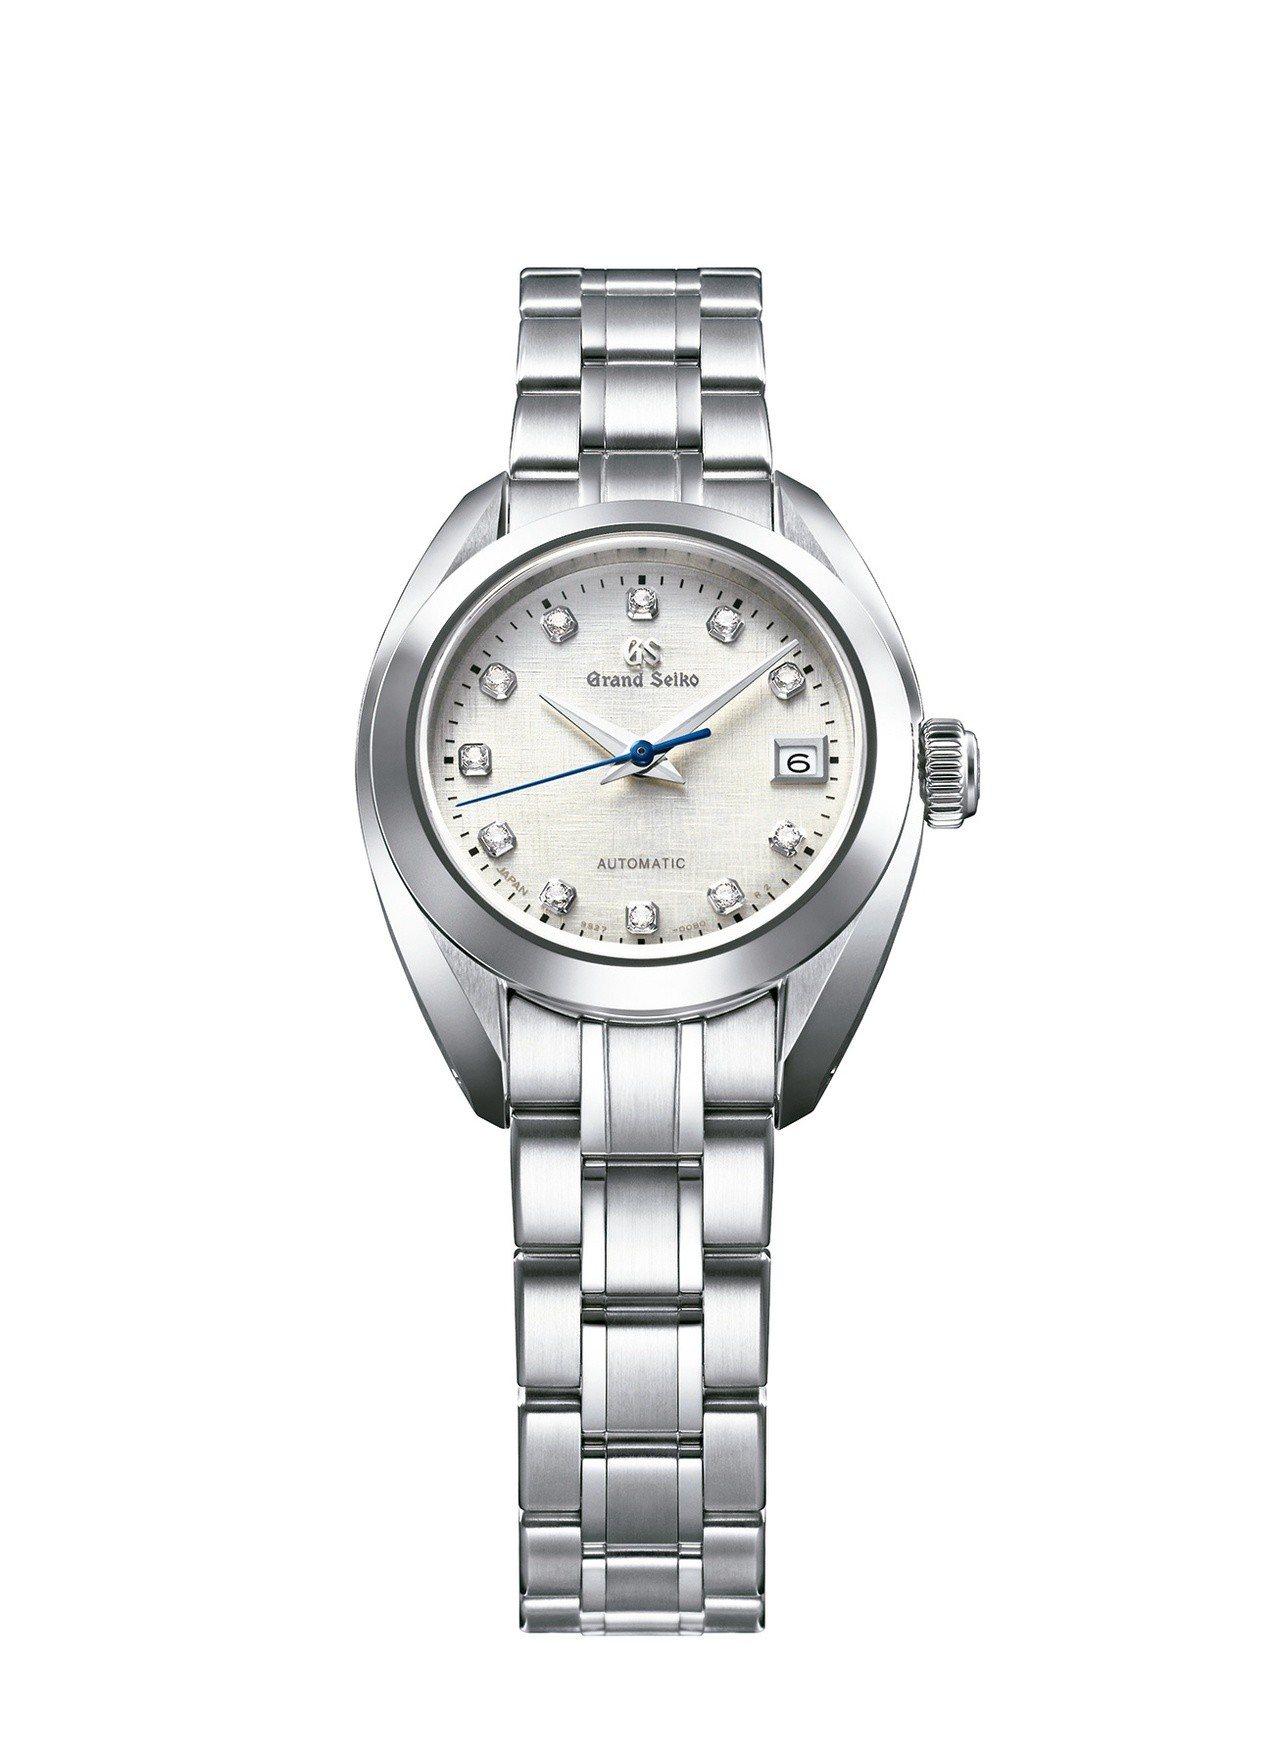 Grand Seiko 女士自動上鍊腕表,不鏽鋼表殼搭配鑽石時標,約18萬7,6...